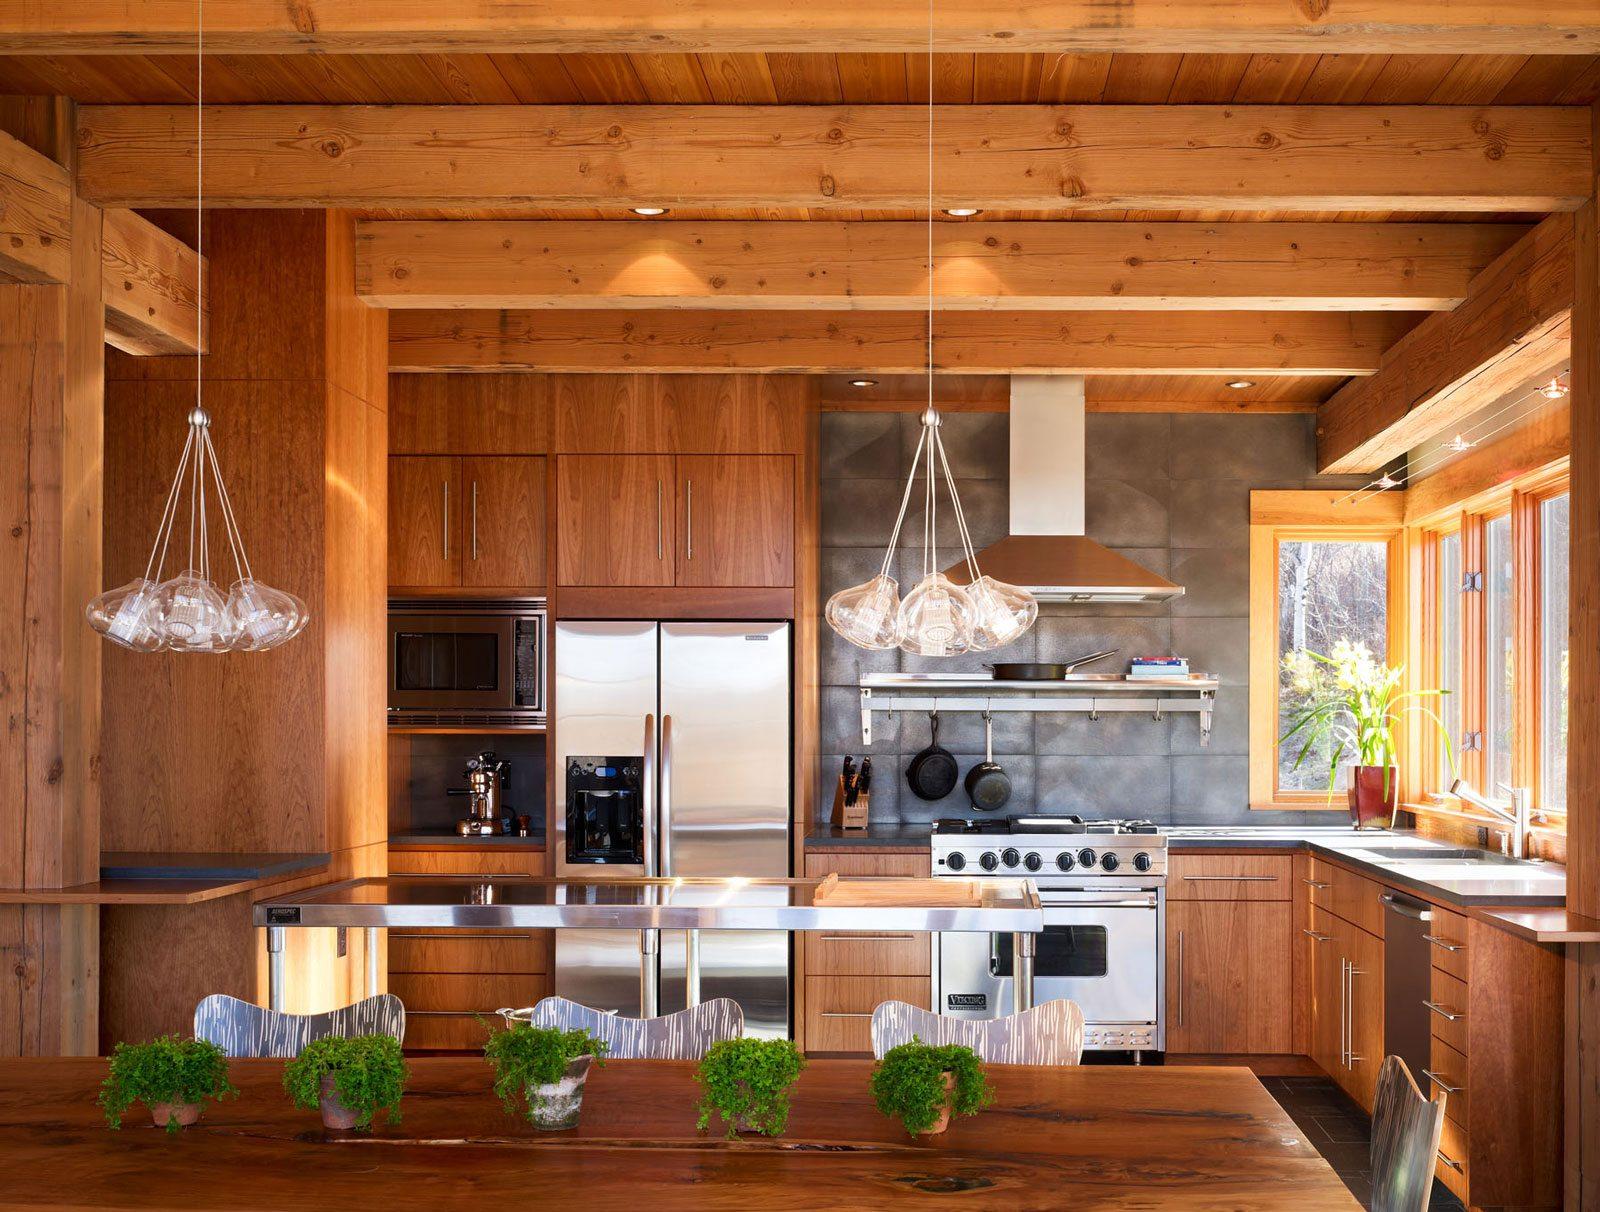 kdc-blog-med-style-natural-wood